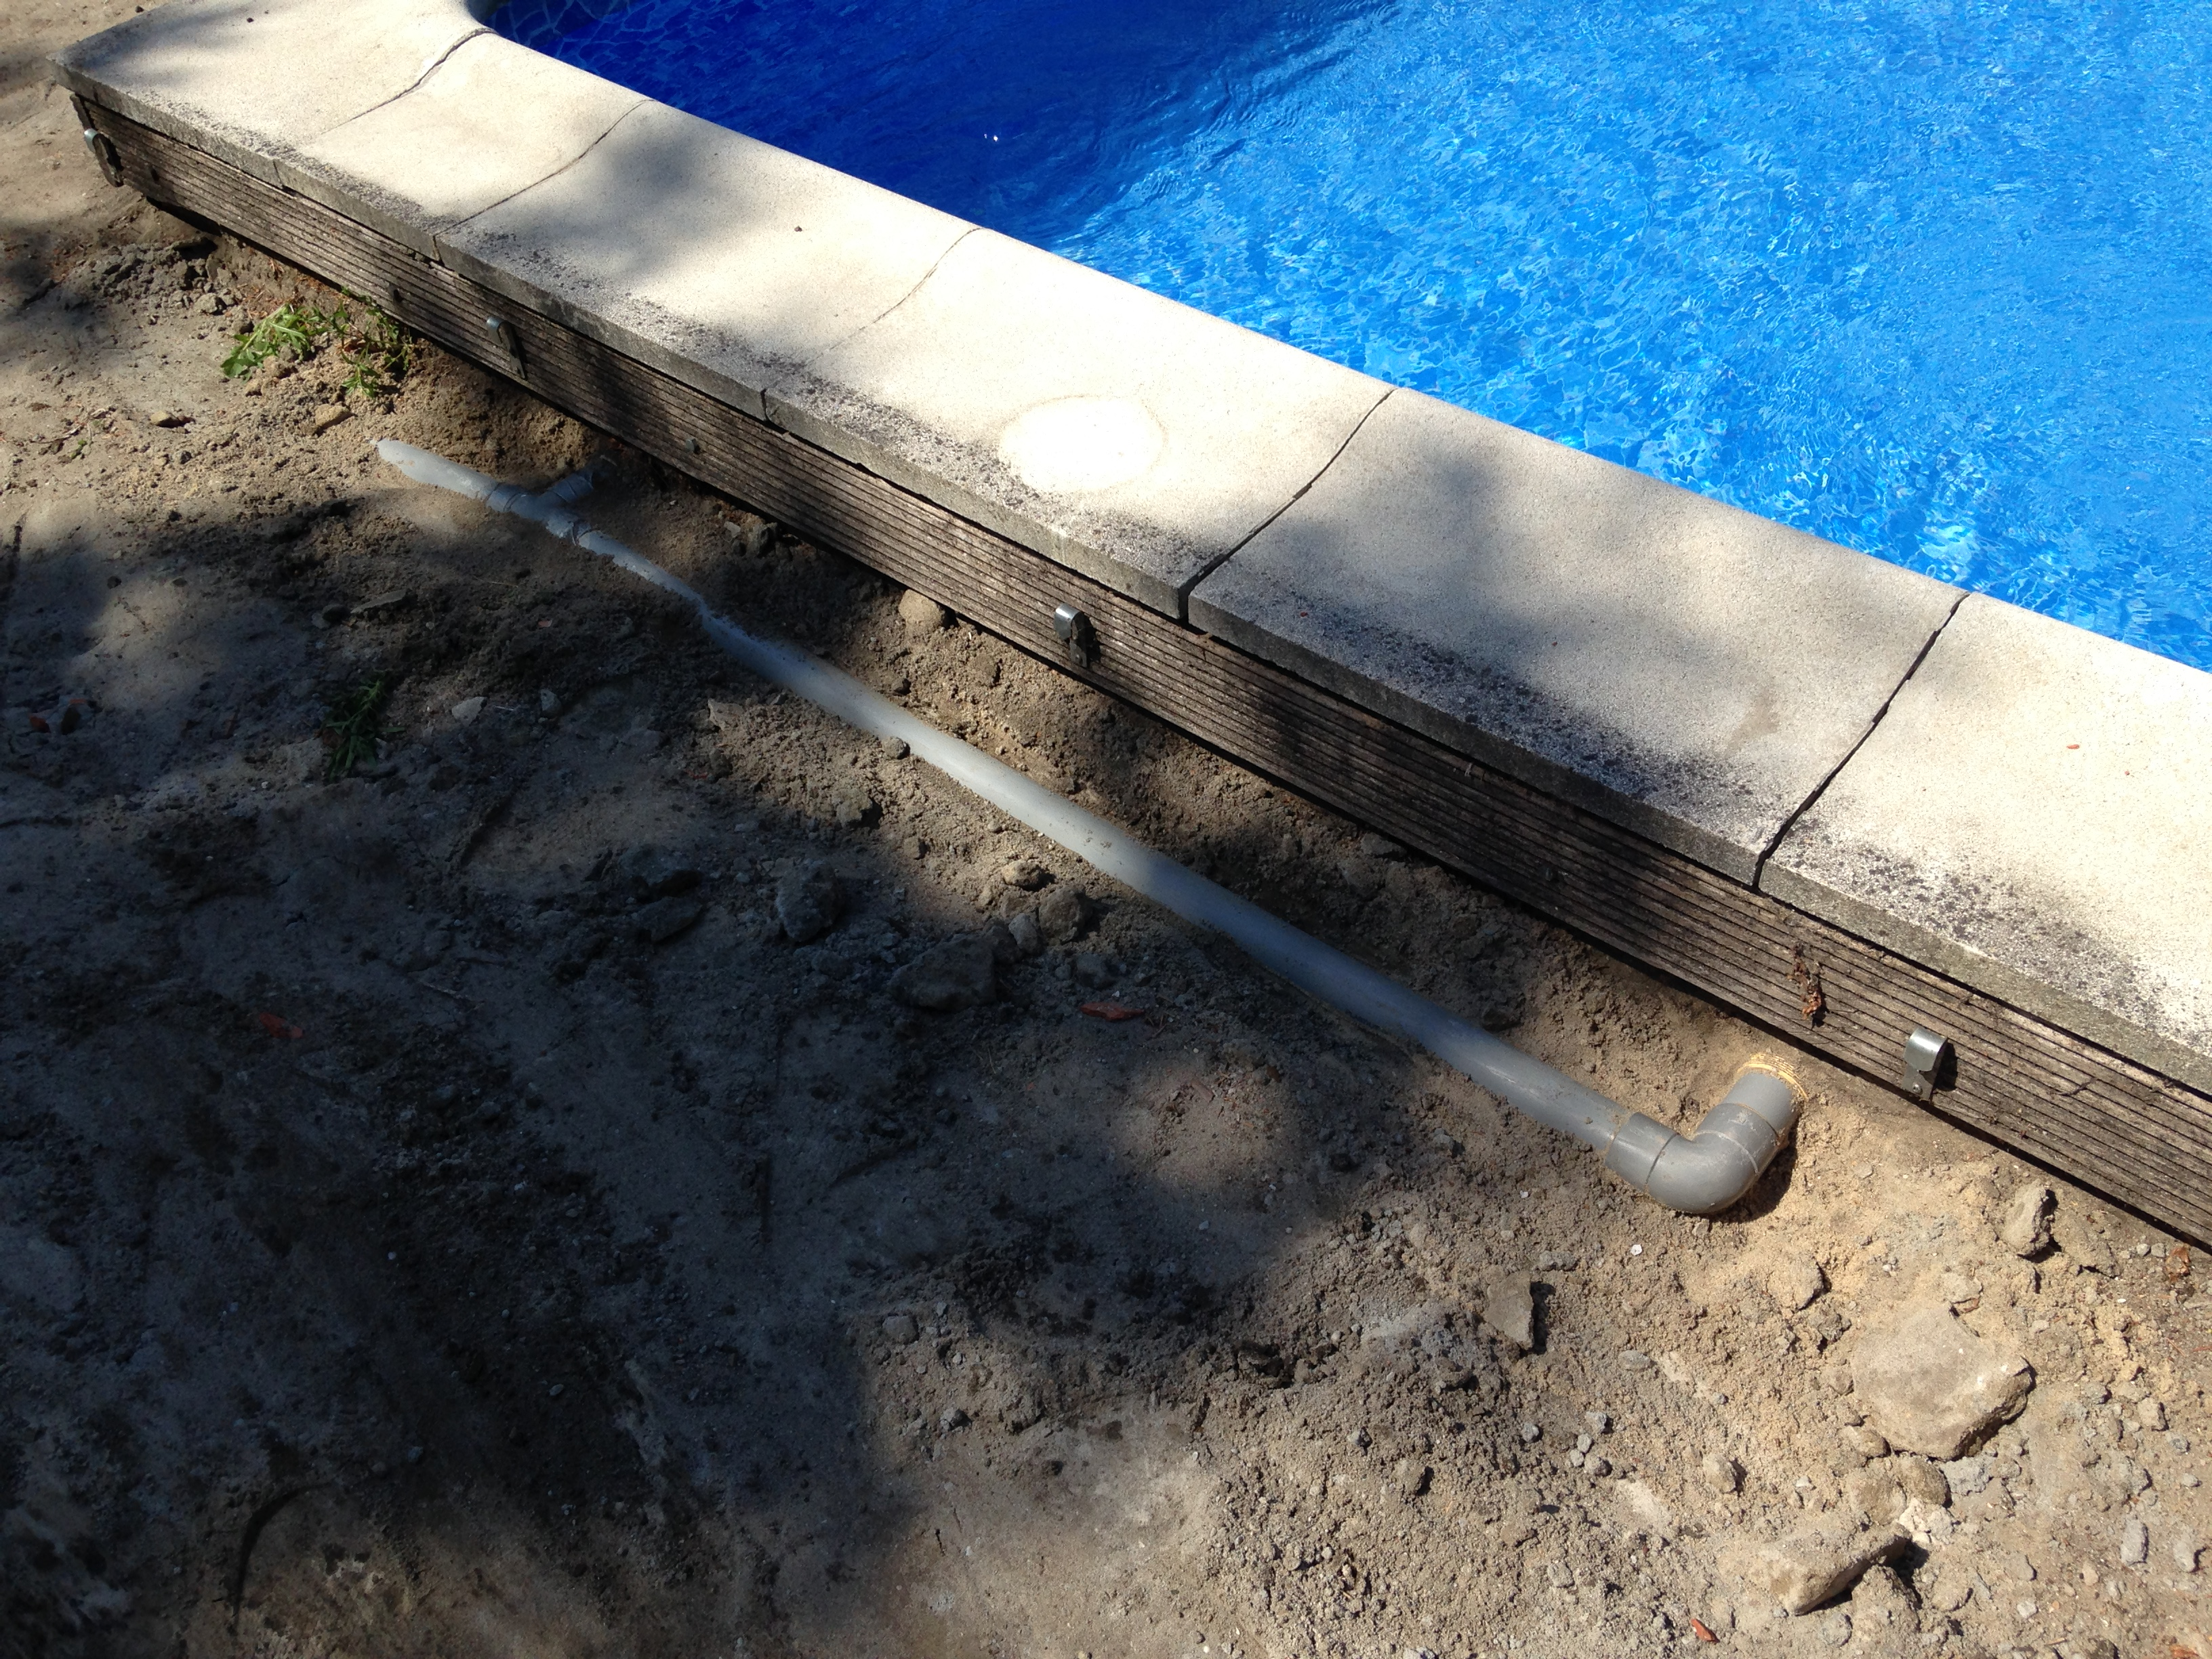 Skimmers en inspuiters zwembad forum for Zwembad leggen